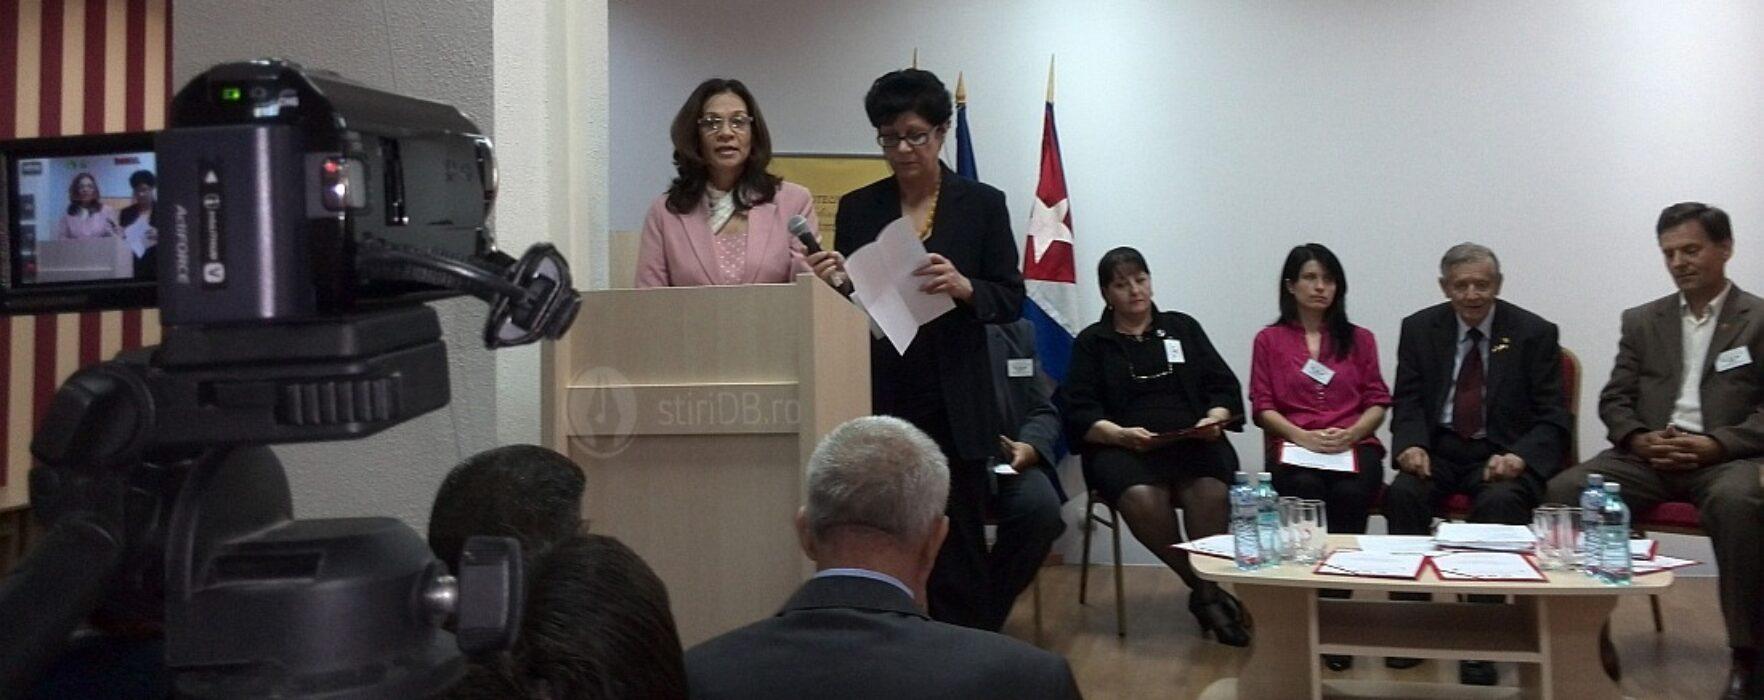 Simpozion al asociaţiilor de prietenie cu Venezuela şi Cuba, la Târgovişte, cu participarea ambasadorilor celor două ţări